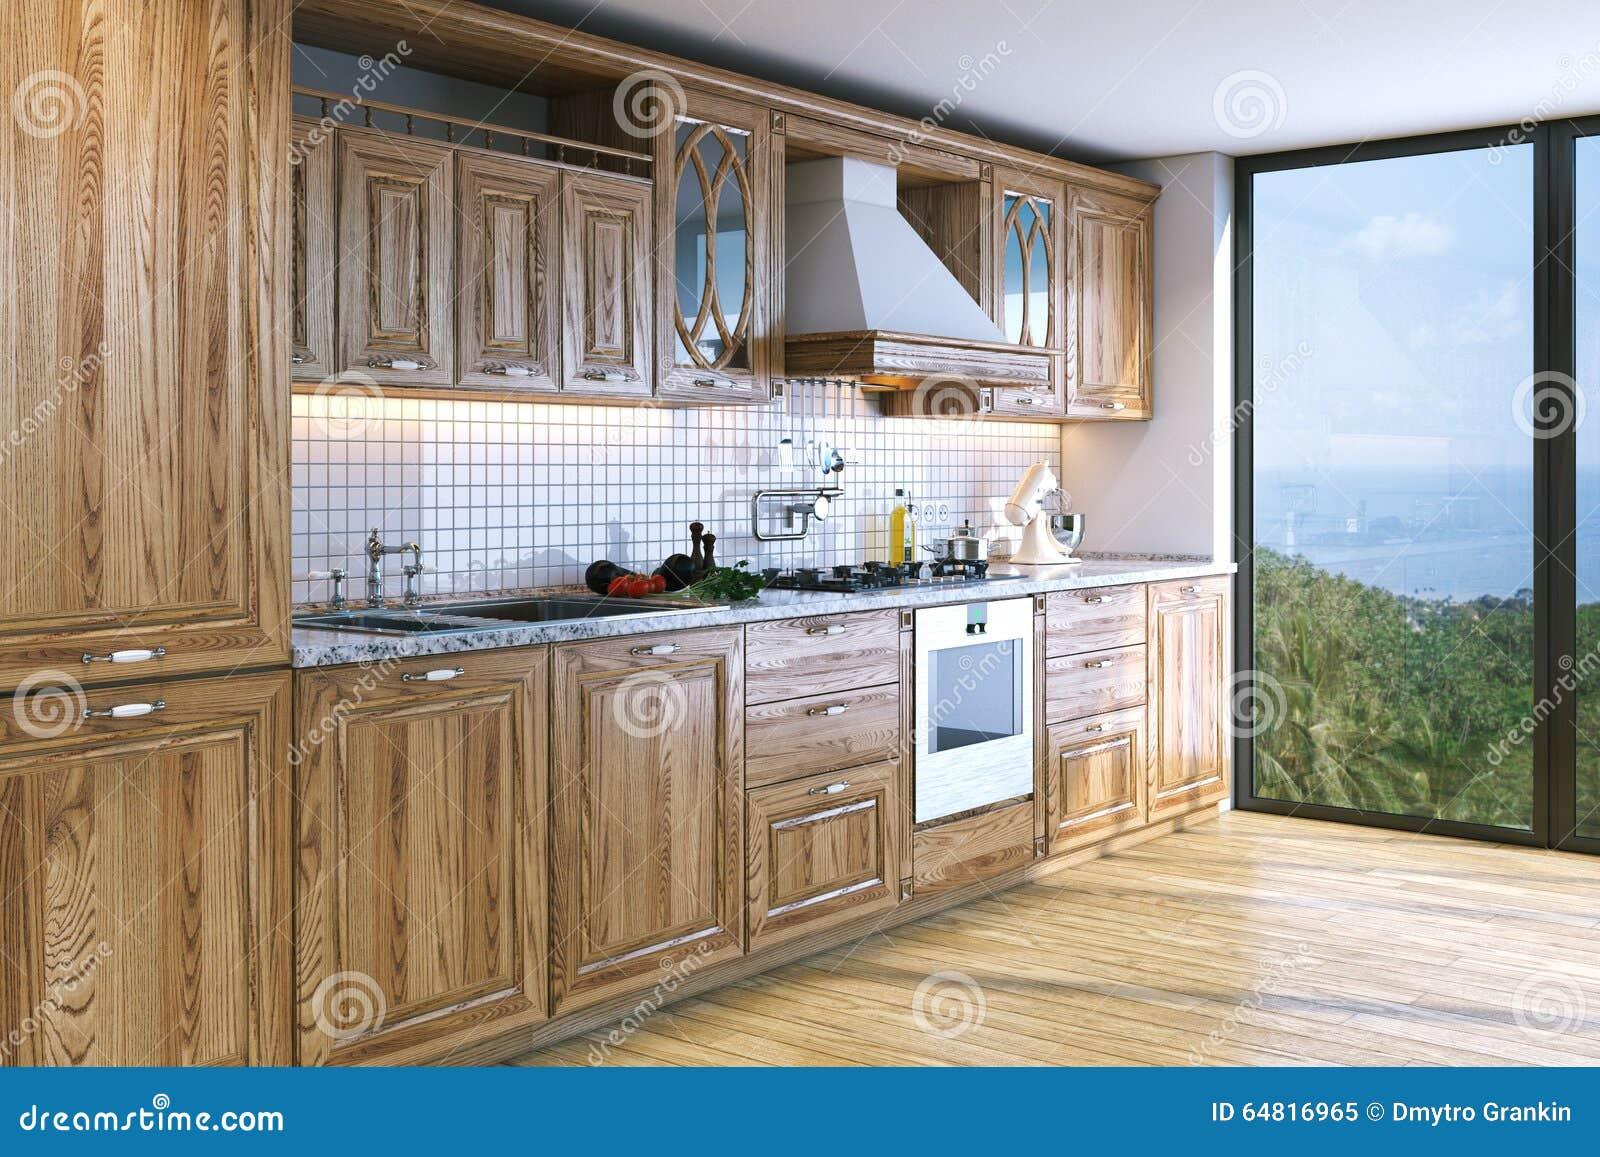 Moderne heldere houten keuken in villa op oceaaneiland d rende